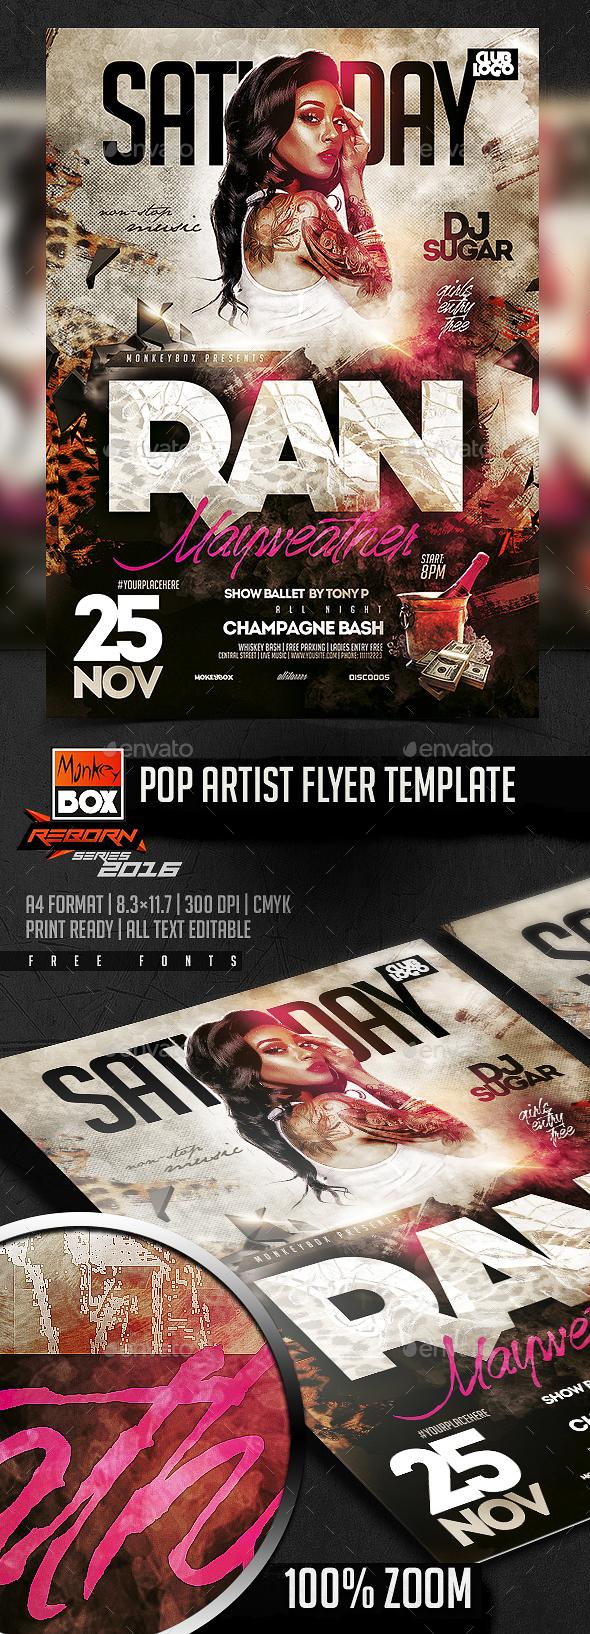 Pop Artist Flyer Template - Events Flyers